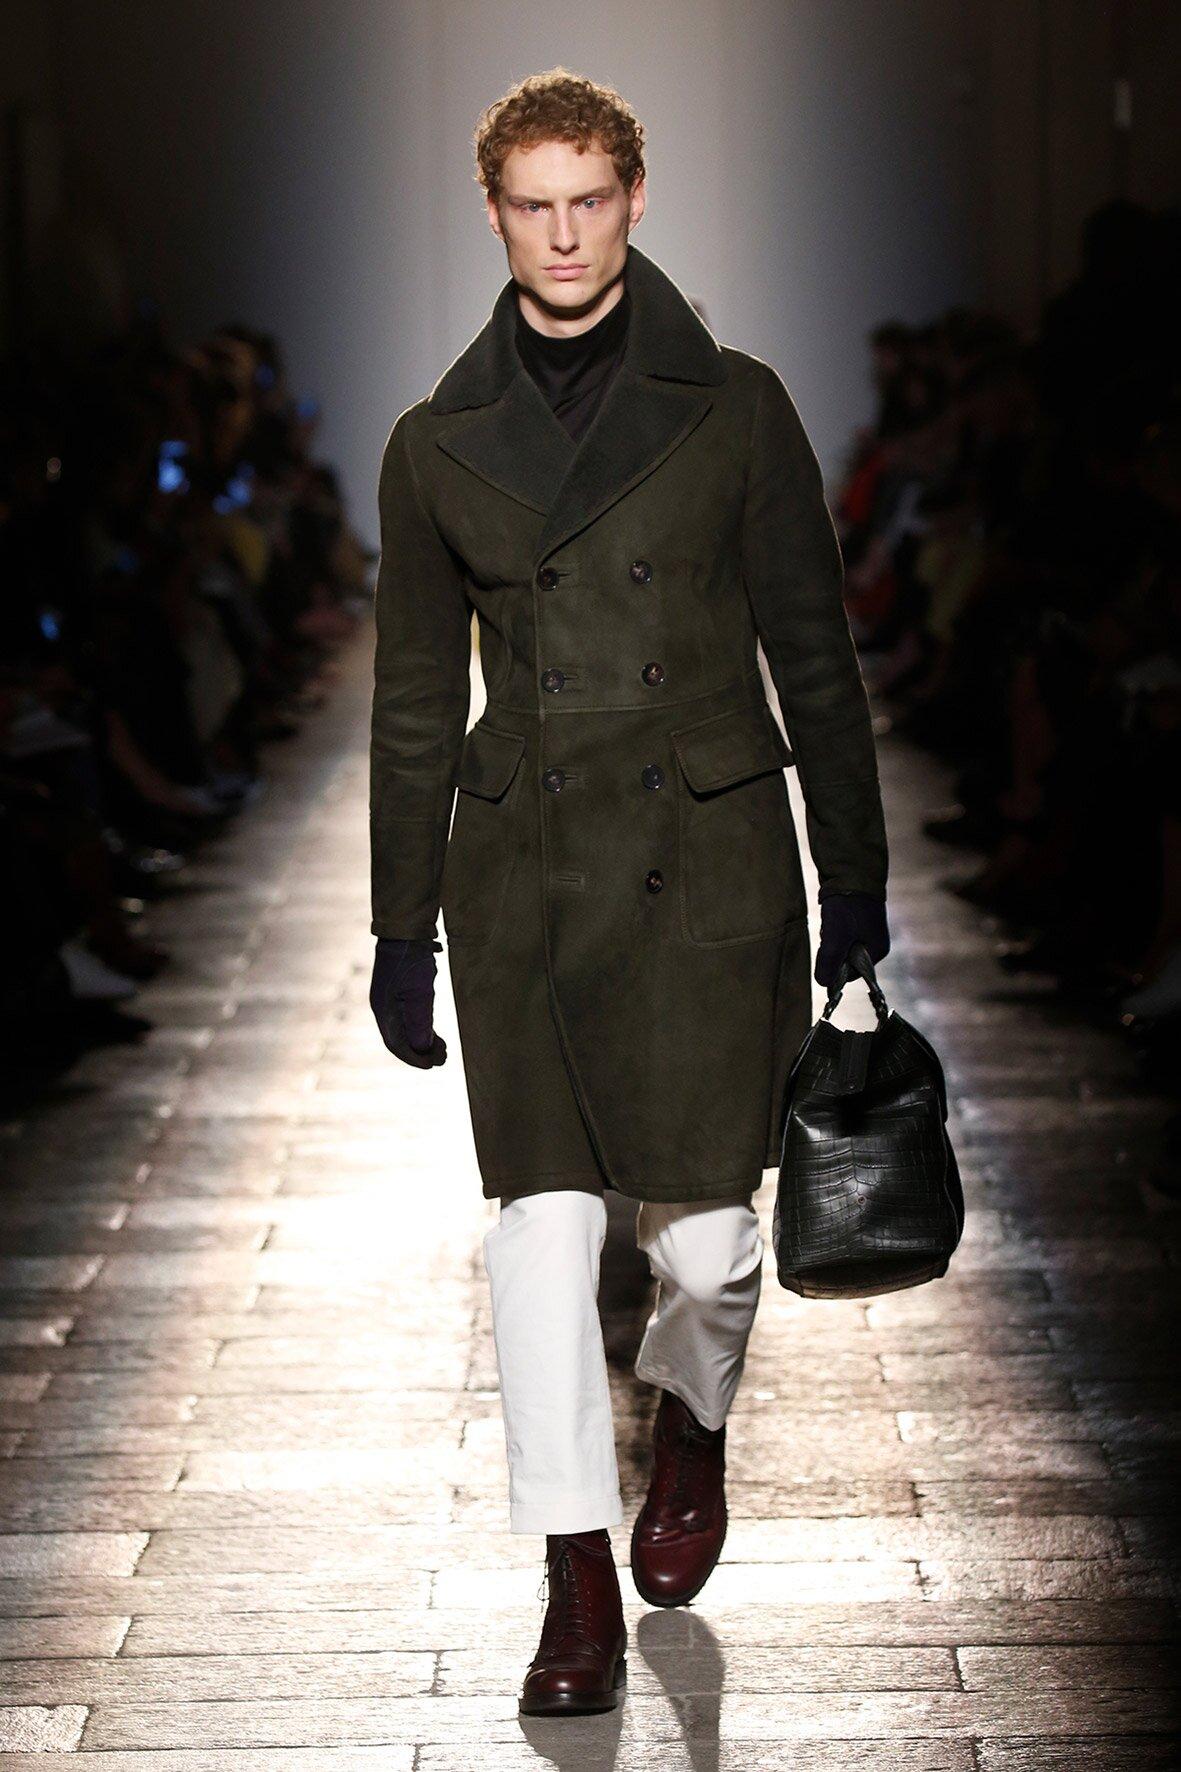 Bottega Veneta Man Milan Fashion Week